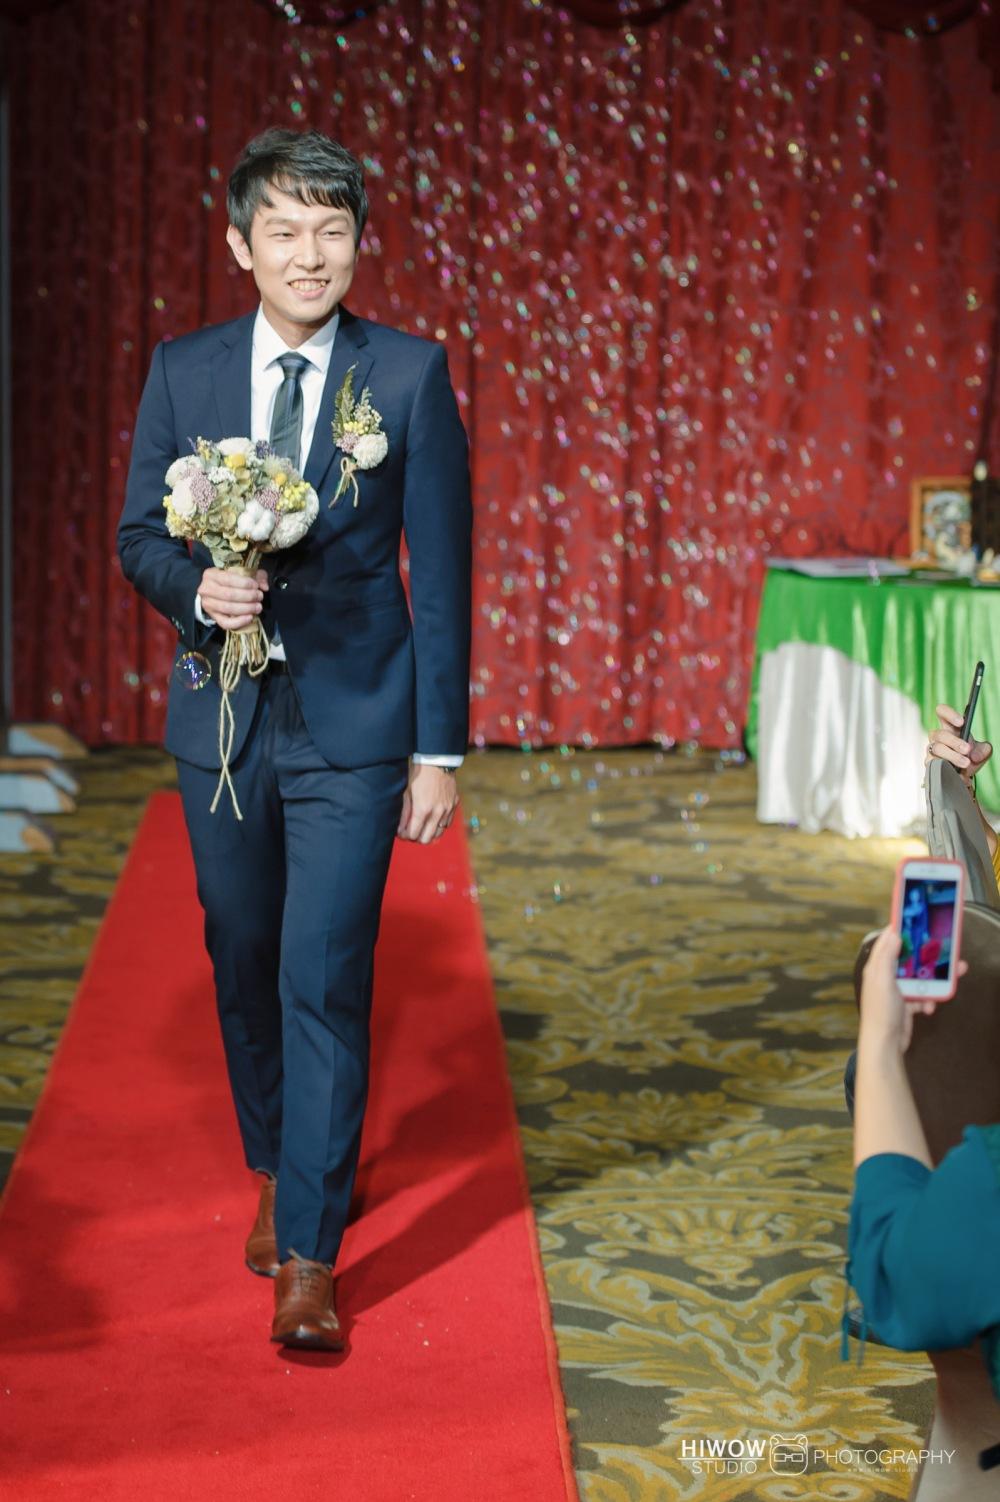 海蛙攝影:austin:hiwal.studio:婚攝:自助婚紗:婚禮紀錄:三重:彭園121